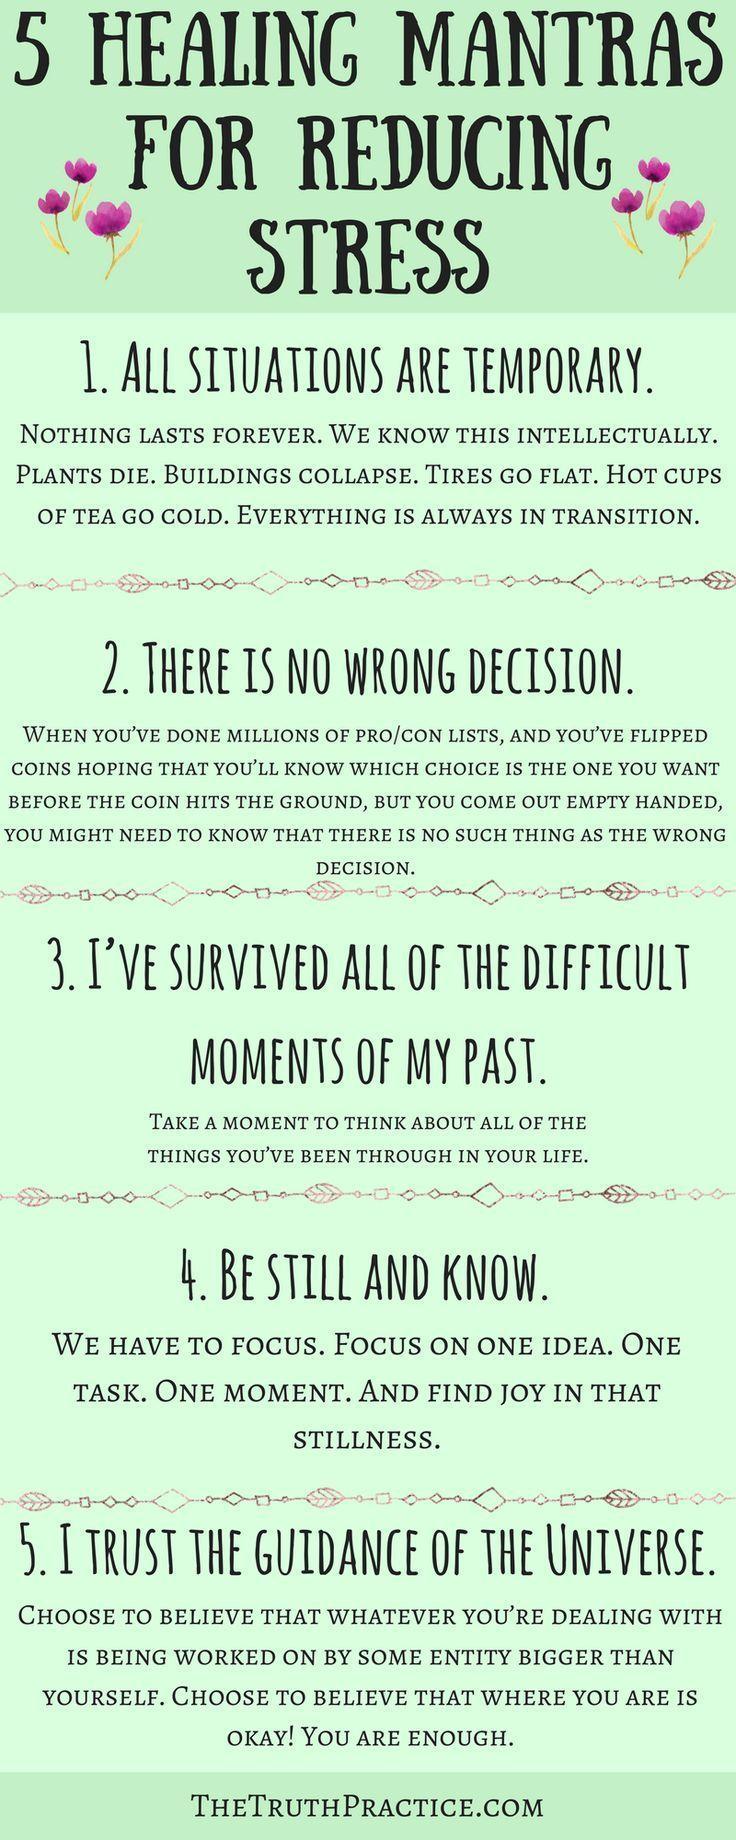 KLICKEN SIE AUF DIE PIN, UM ALLE 10 heilenden Mantras und Affirmationen zur Reduzierung von Stres